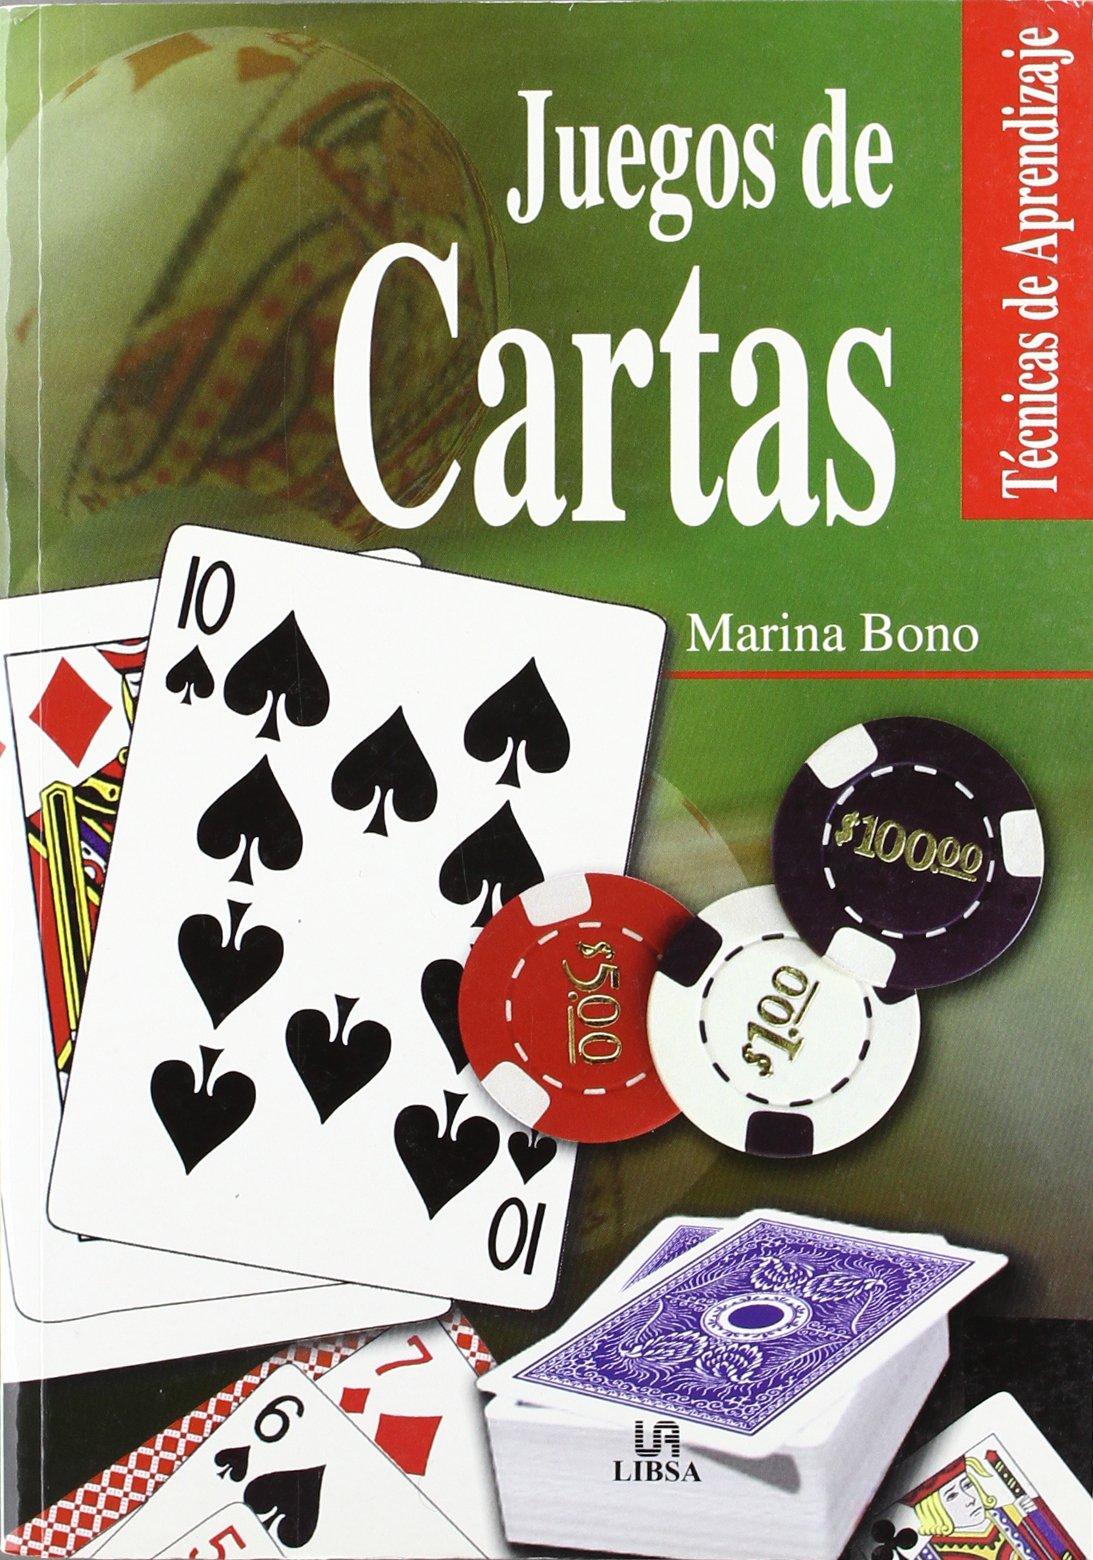 Juegos de Cartas (Spanish Edition): Marina Bono ...